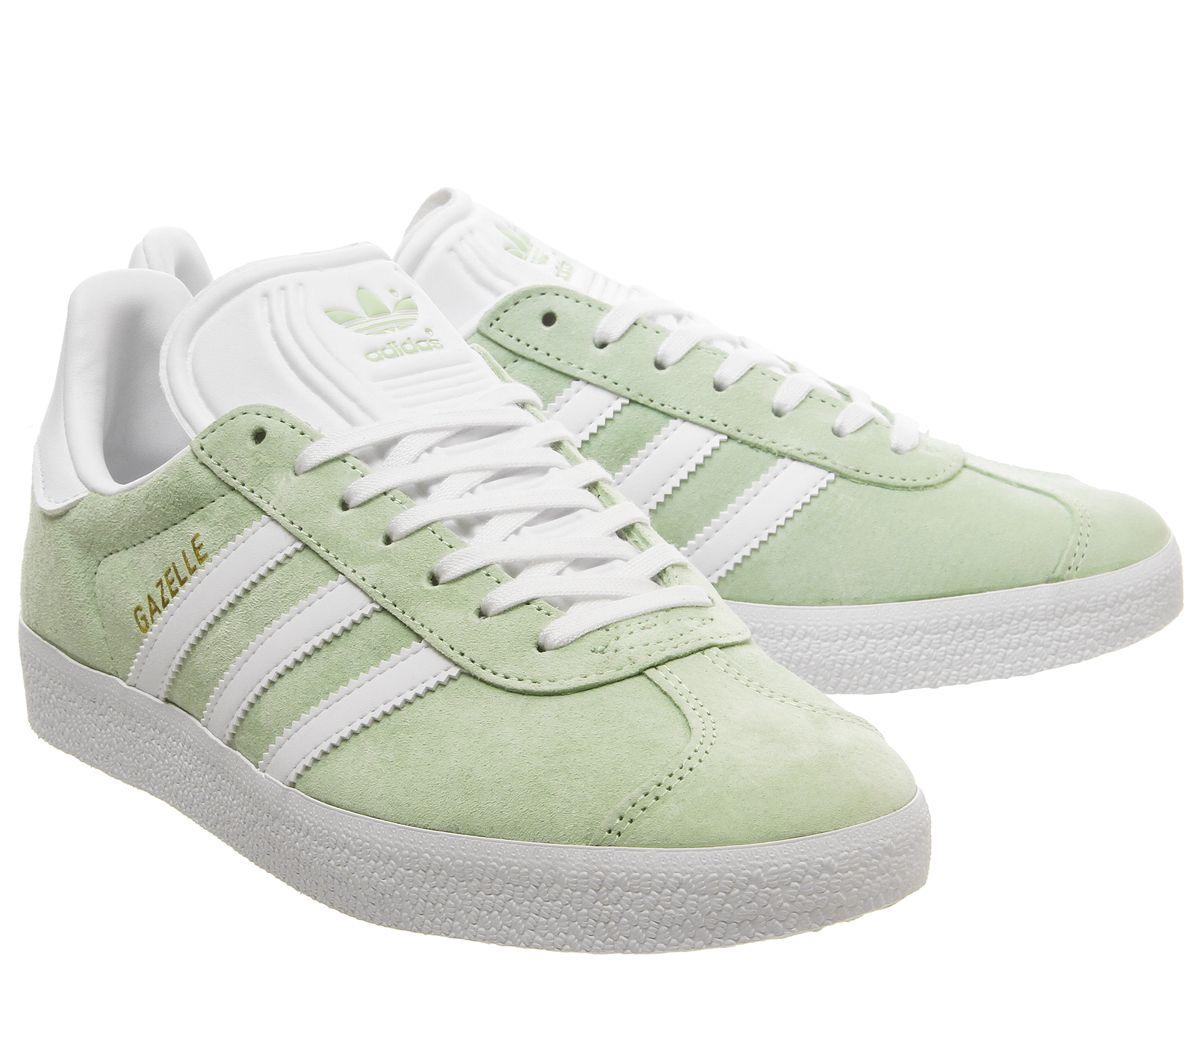 zapatillas adidas gacelle verdes mujer